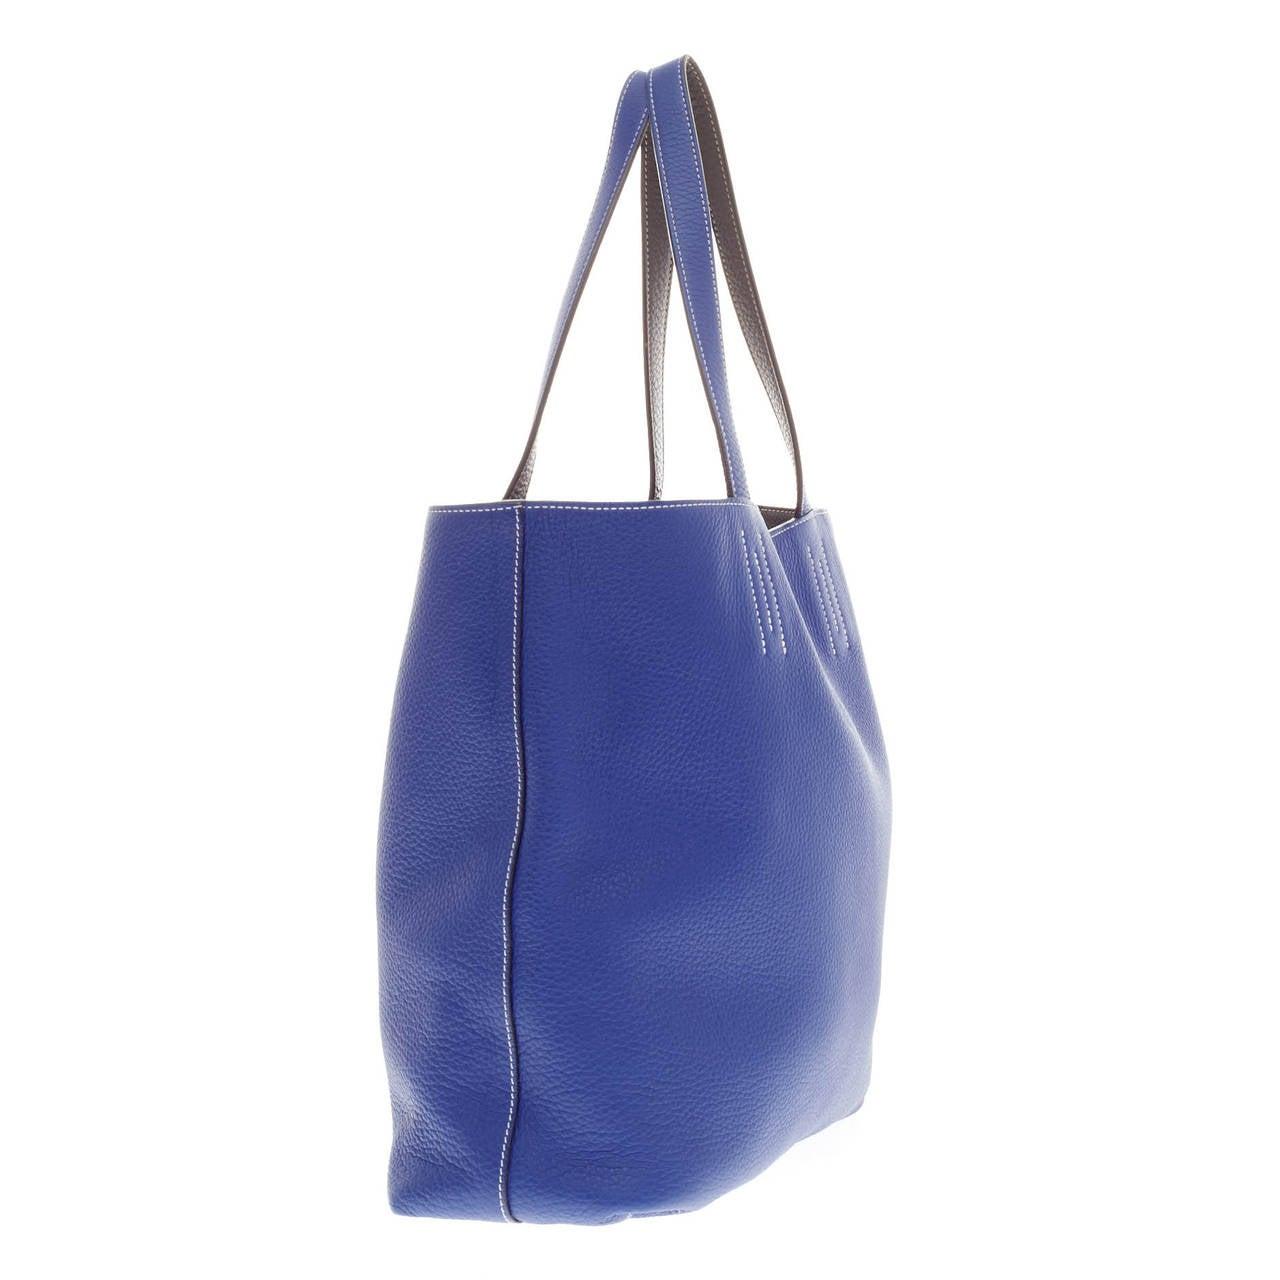 hermes Double Sens large sapphire blue/sapphire blue